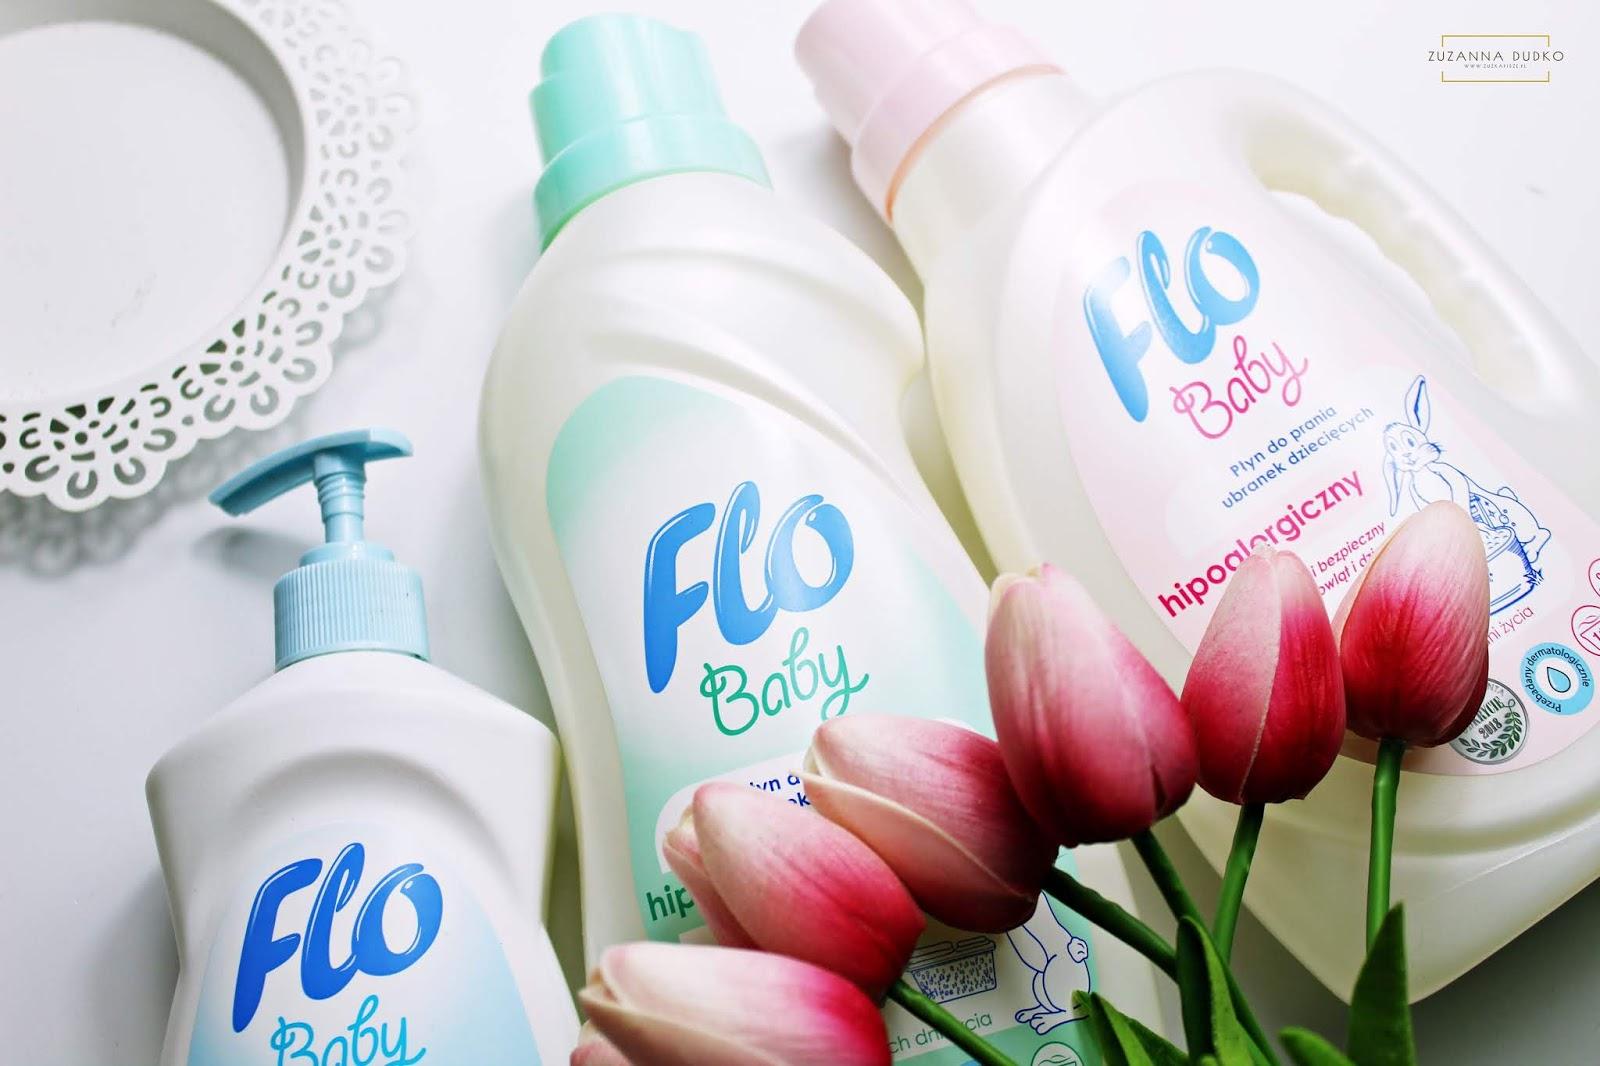 FLO baby - hipoalergiczne środki czystości dla dzieci